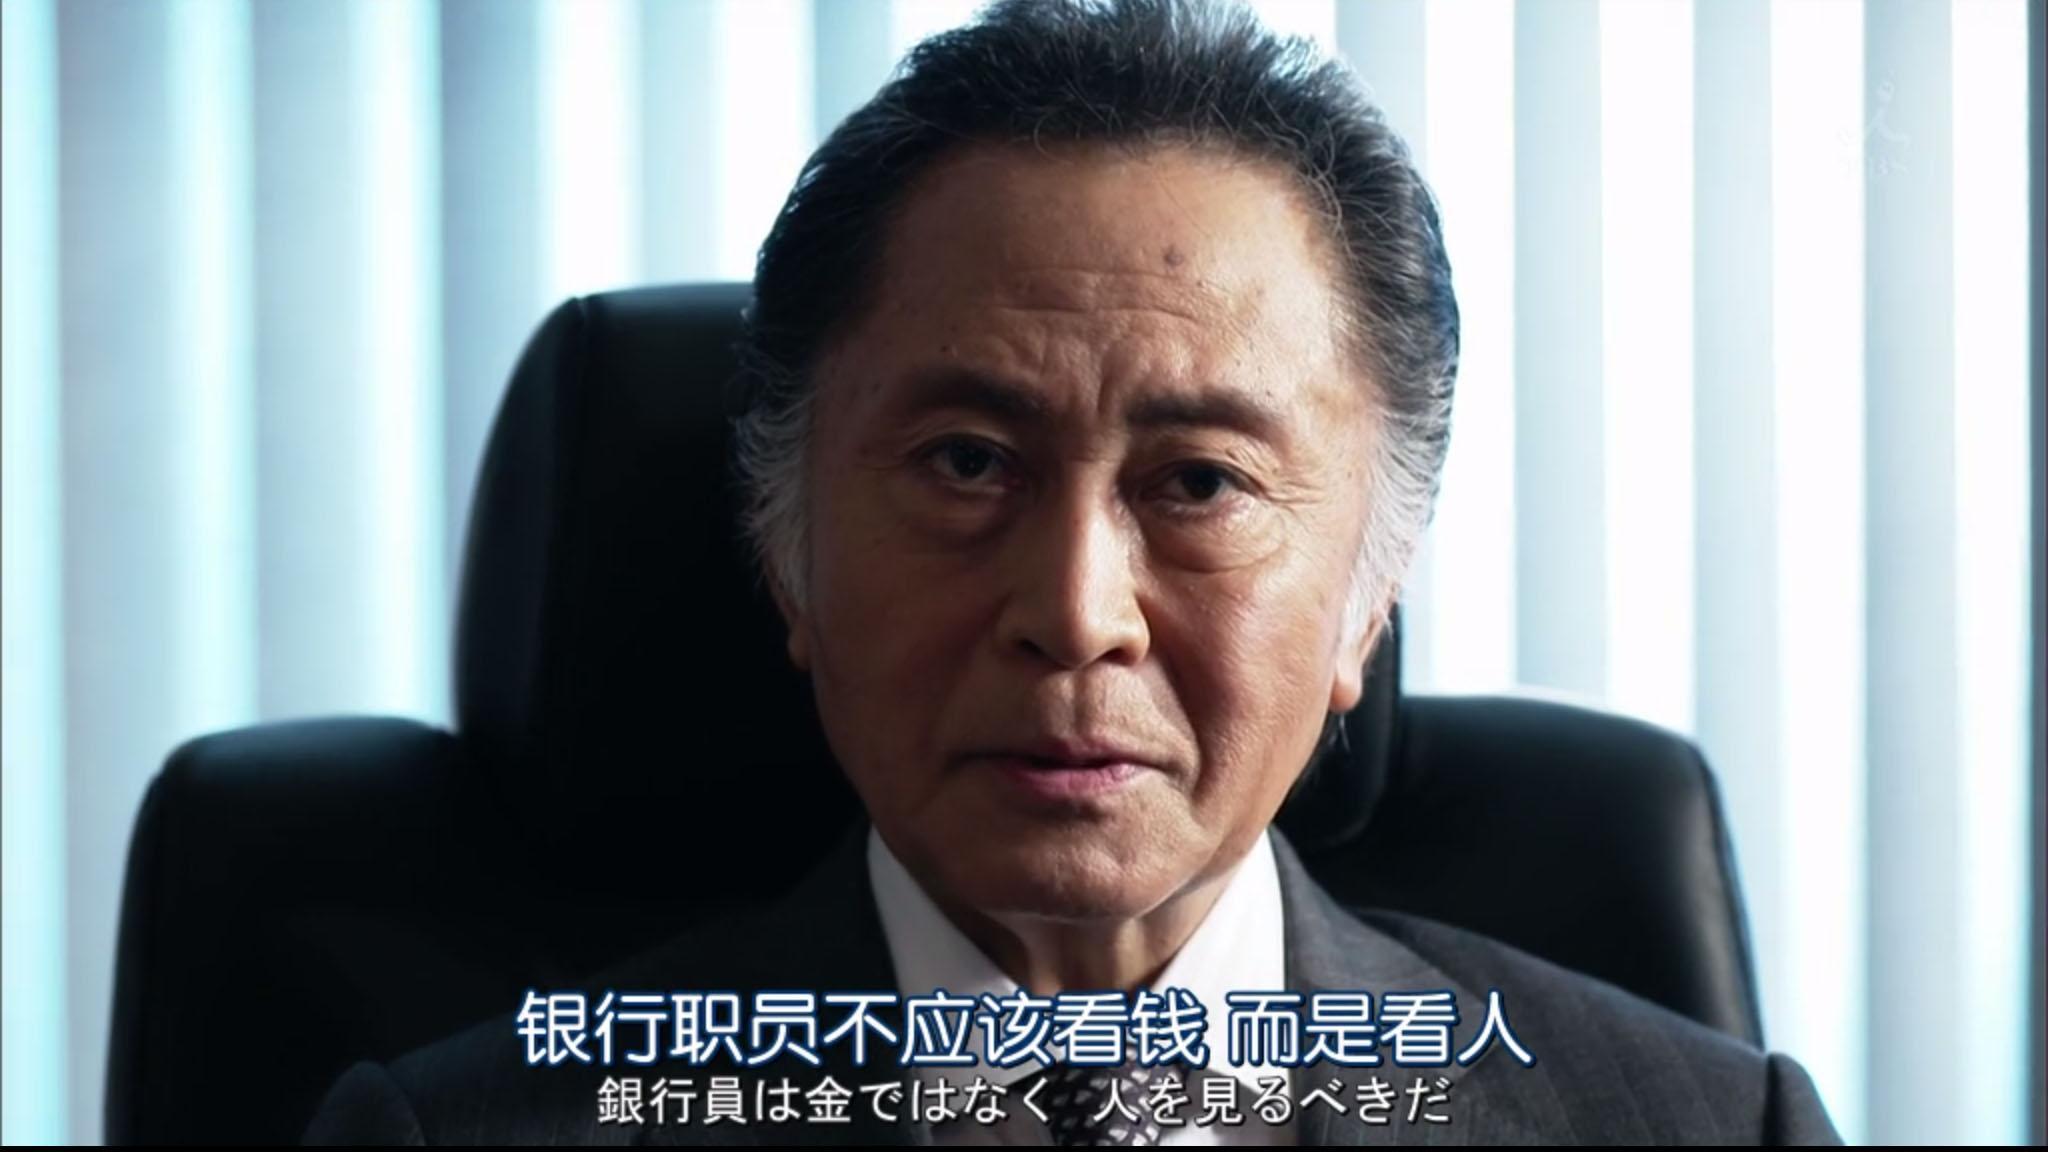 二叔结局_如何解释半泽直树的结局:半泽直树被调到东京中央証券营业 ...